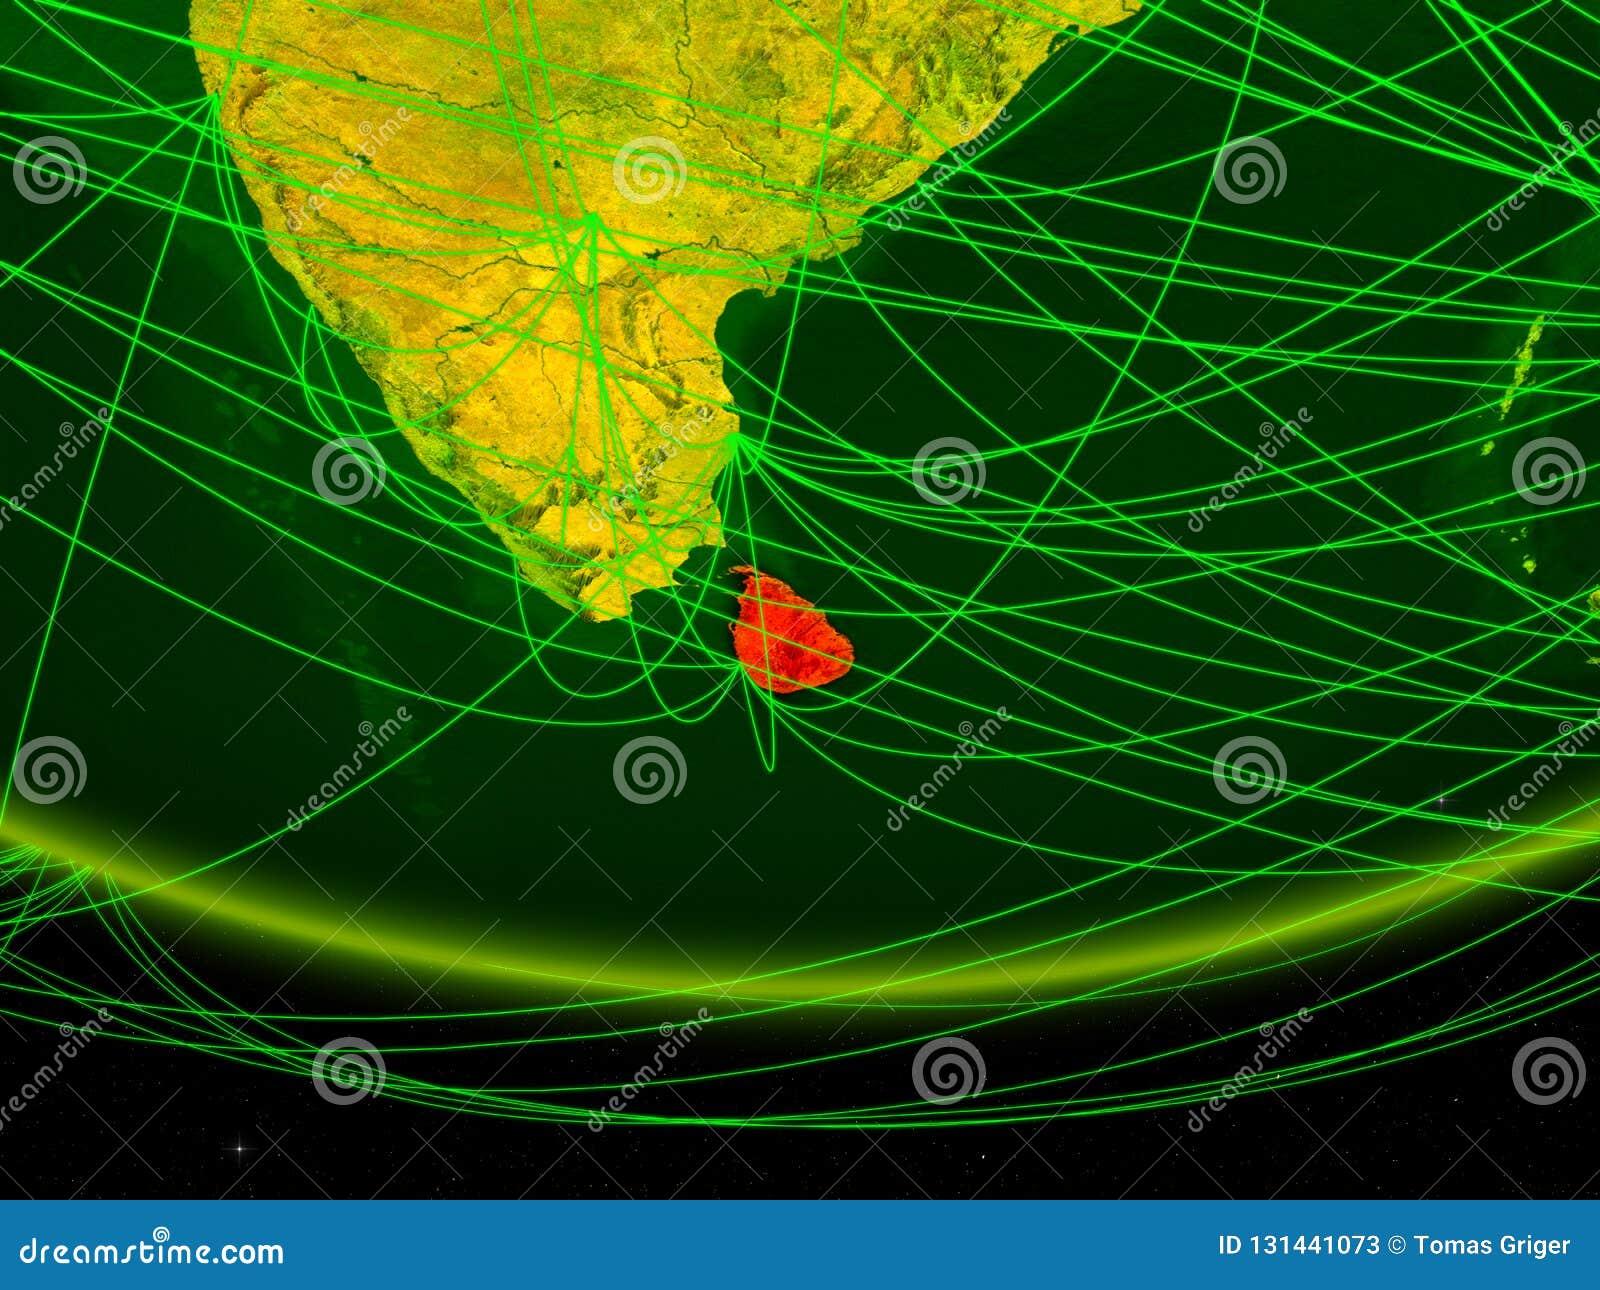 Sri Lanka auf grünem Modell von Planet Erde mit dem Netz, das digitales Zeitalter, Reise und Kommunikation darstellt Abbildung 3D